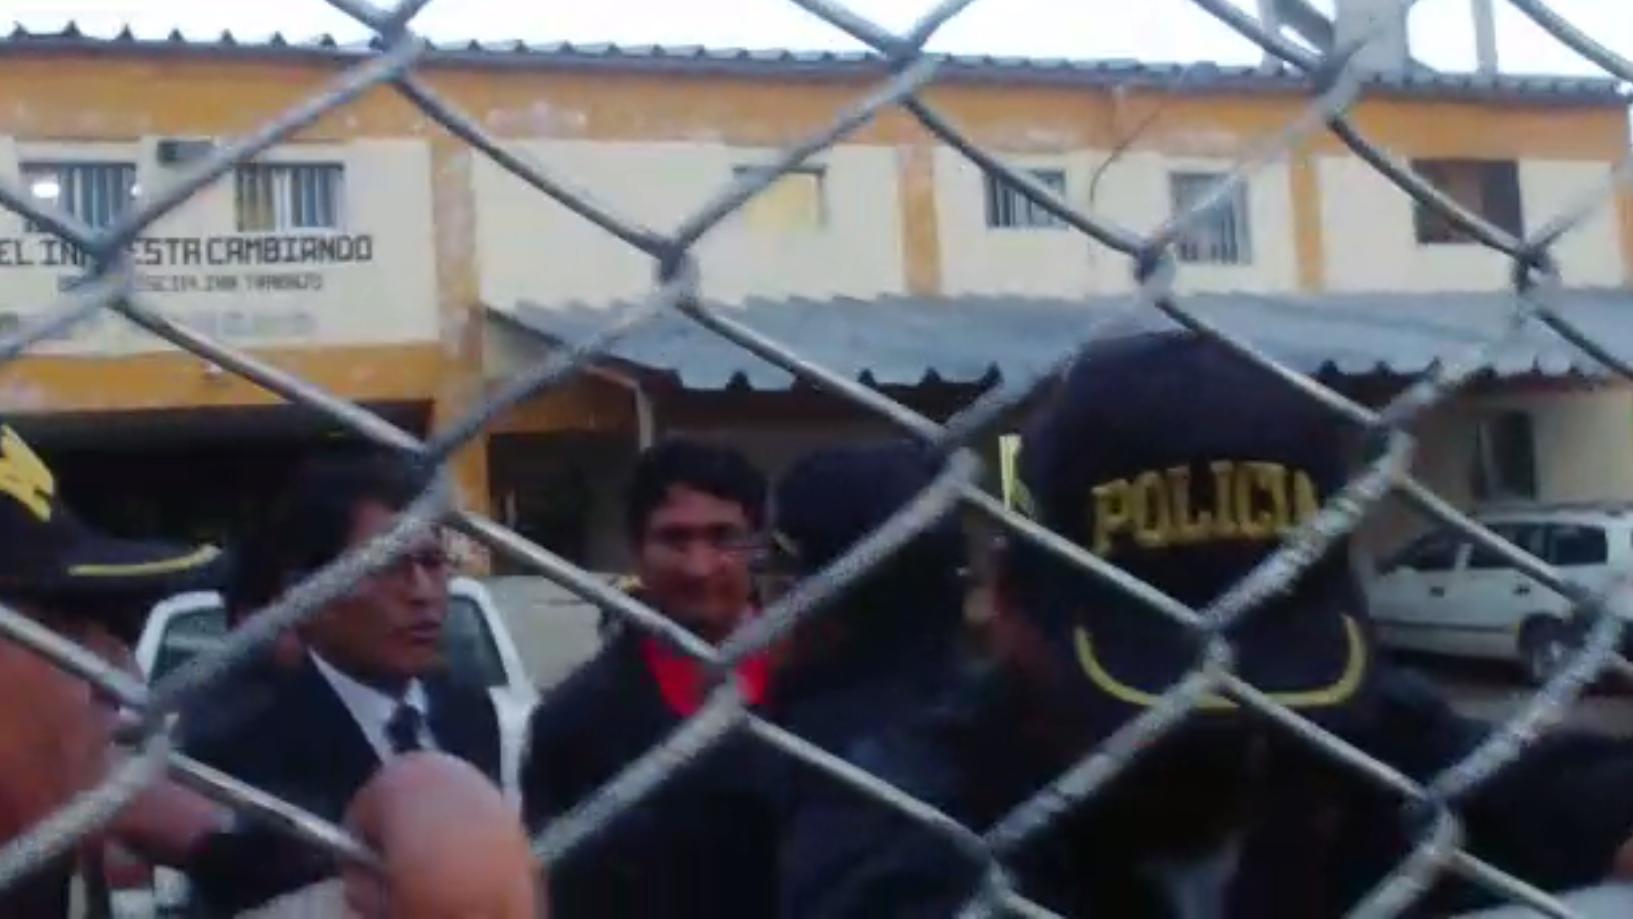 Juez varió la sentencia de Vladimir Cerrón por prisión suspendida.